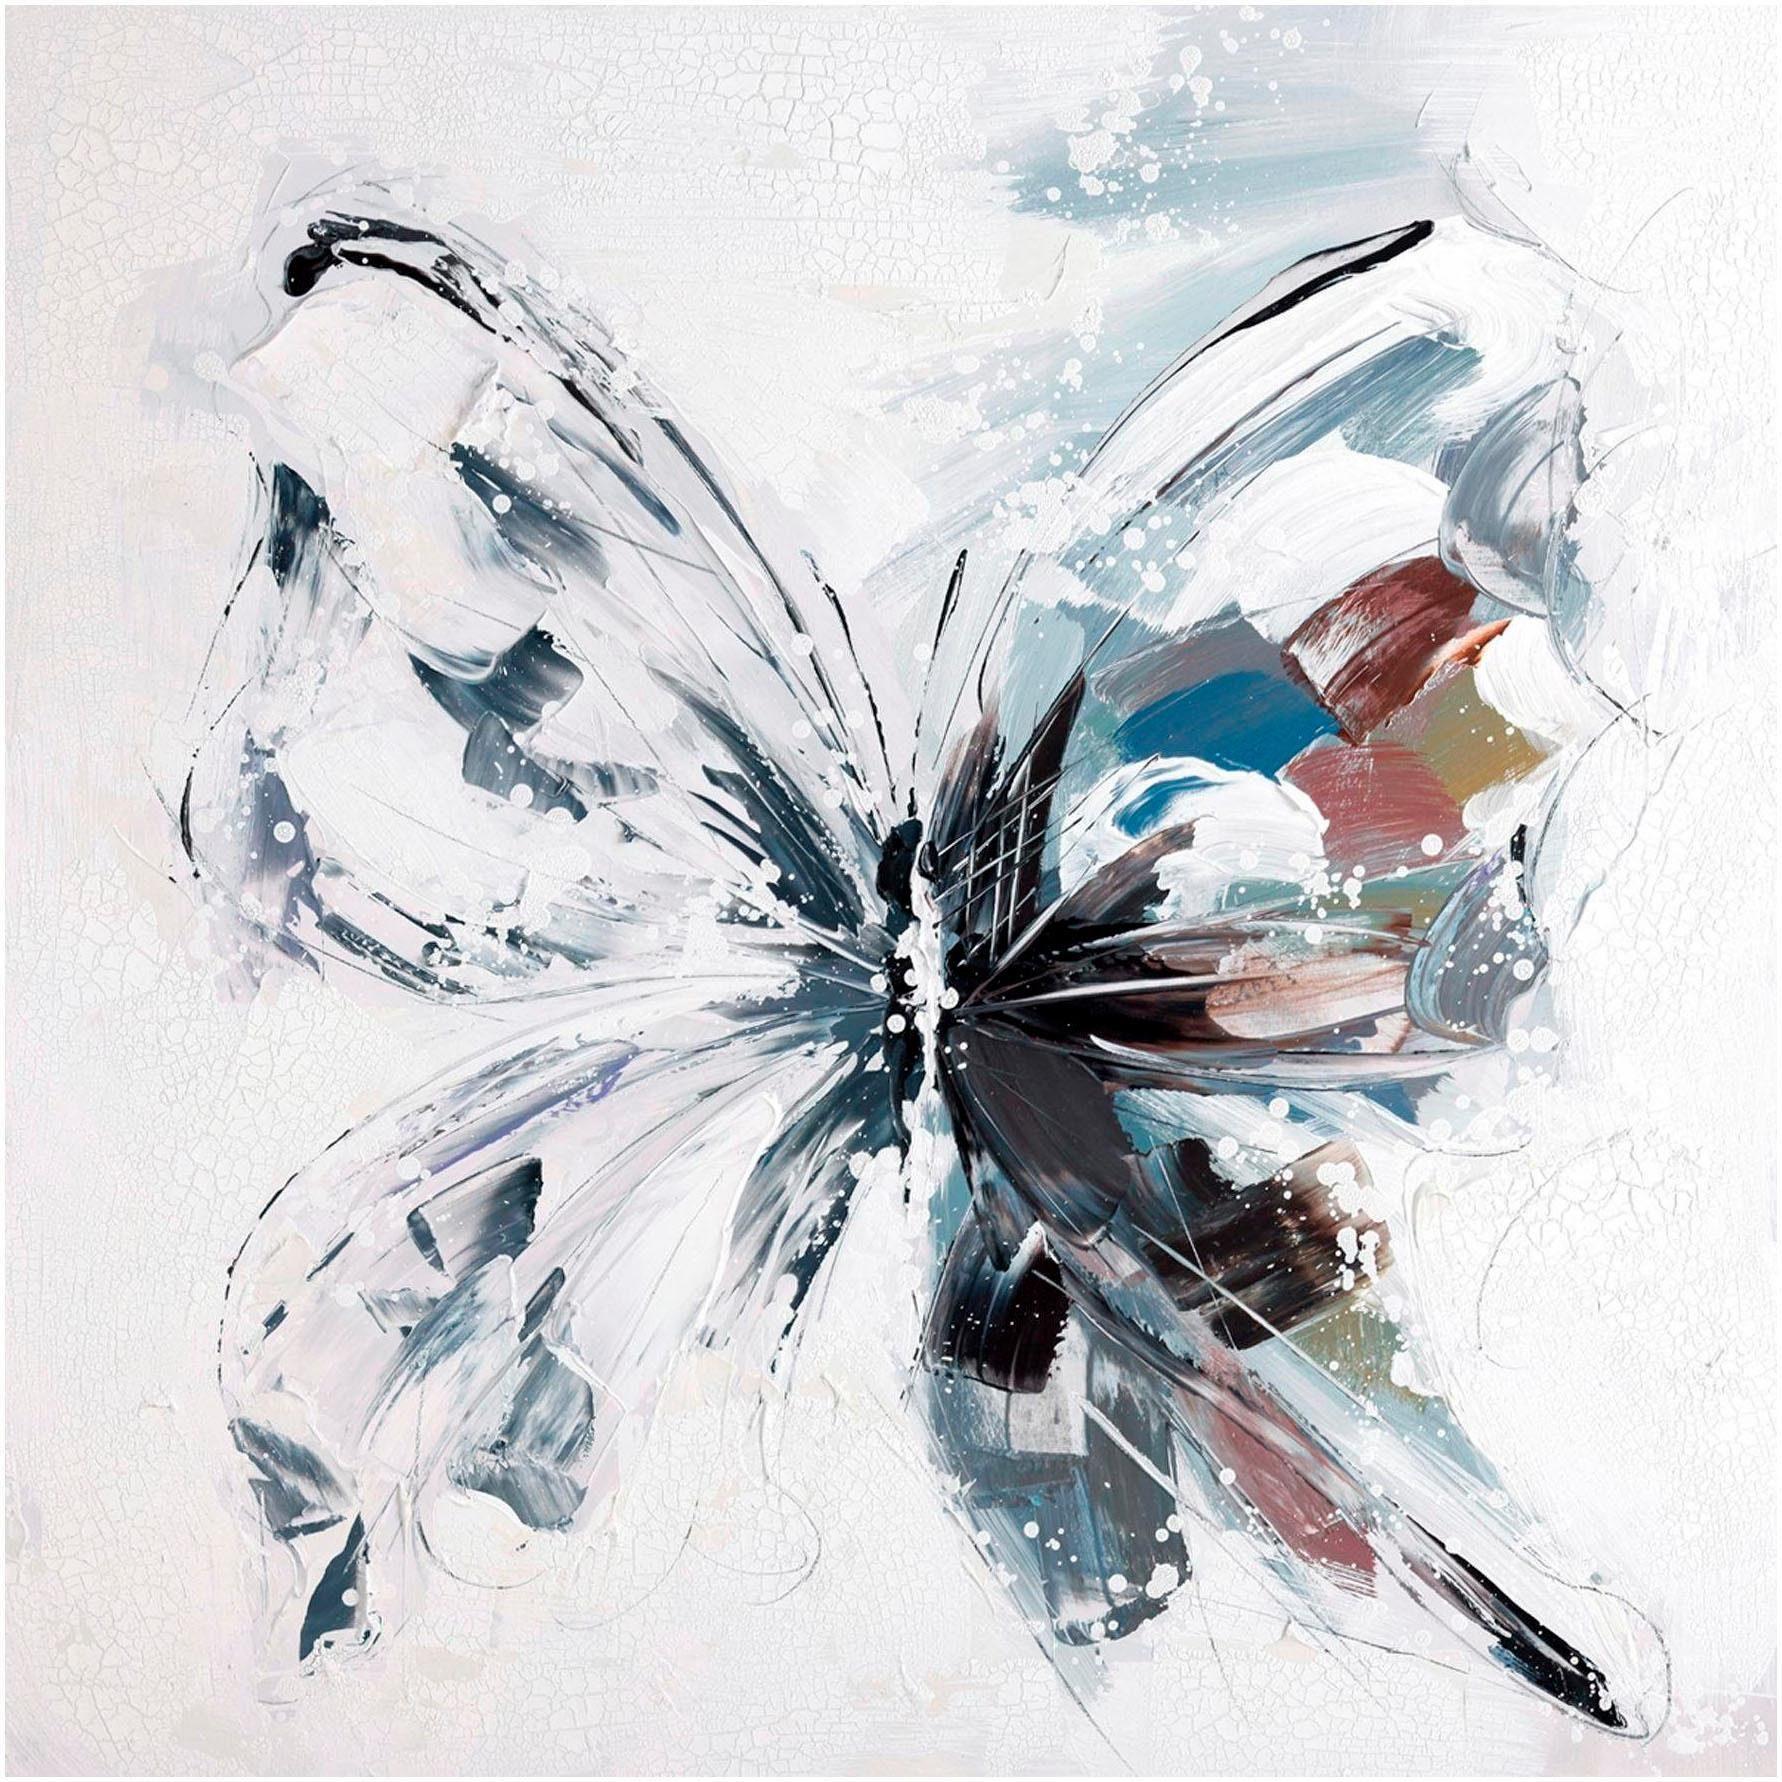 Premium collection by Home affaire Gemälde Butterfly Wohnen/Accessoires & Leuchten/Wohnaccessoires/Bilder & Bilderrahmen/Gemälde